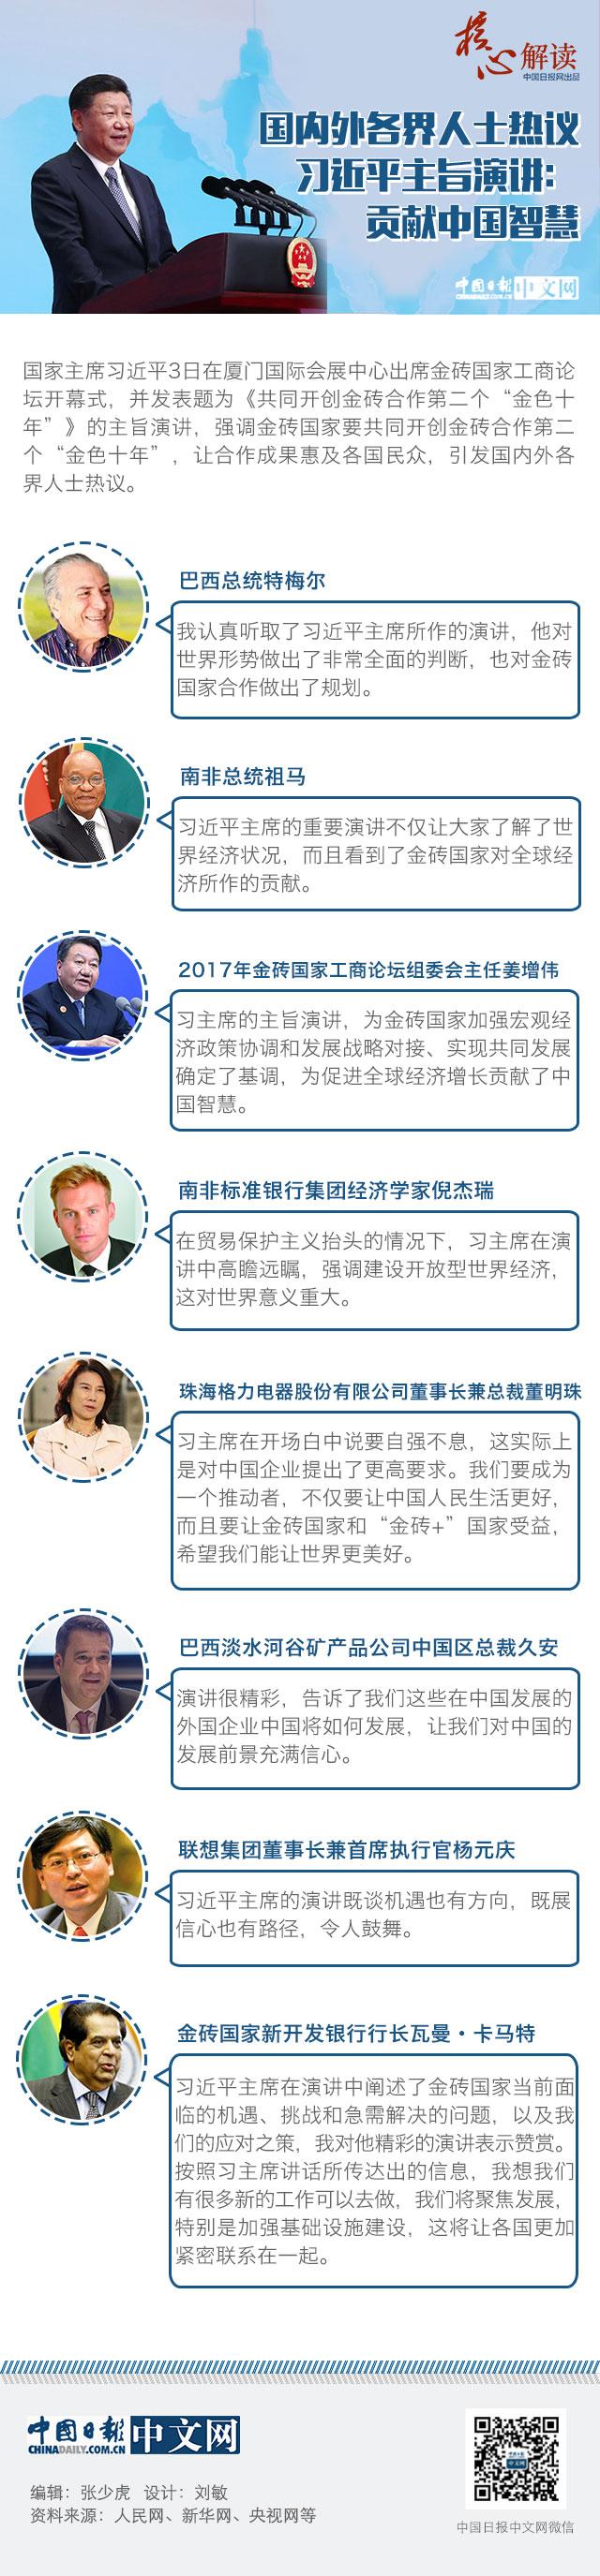 【理上网来·热点解析】国内外各界人士热议习近平主旨演讲:贡献中国智慧